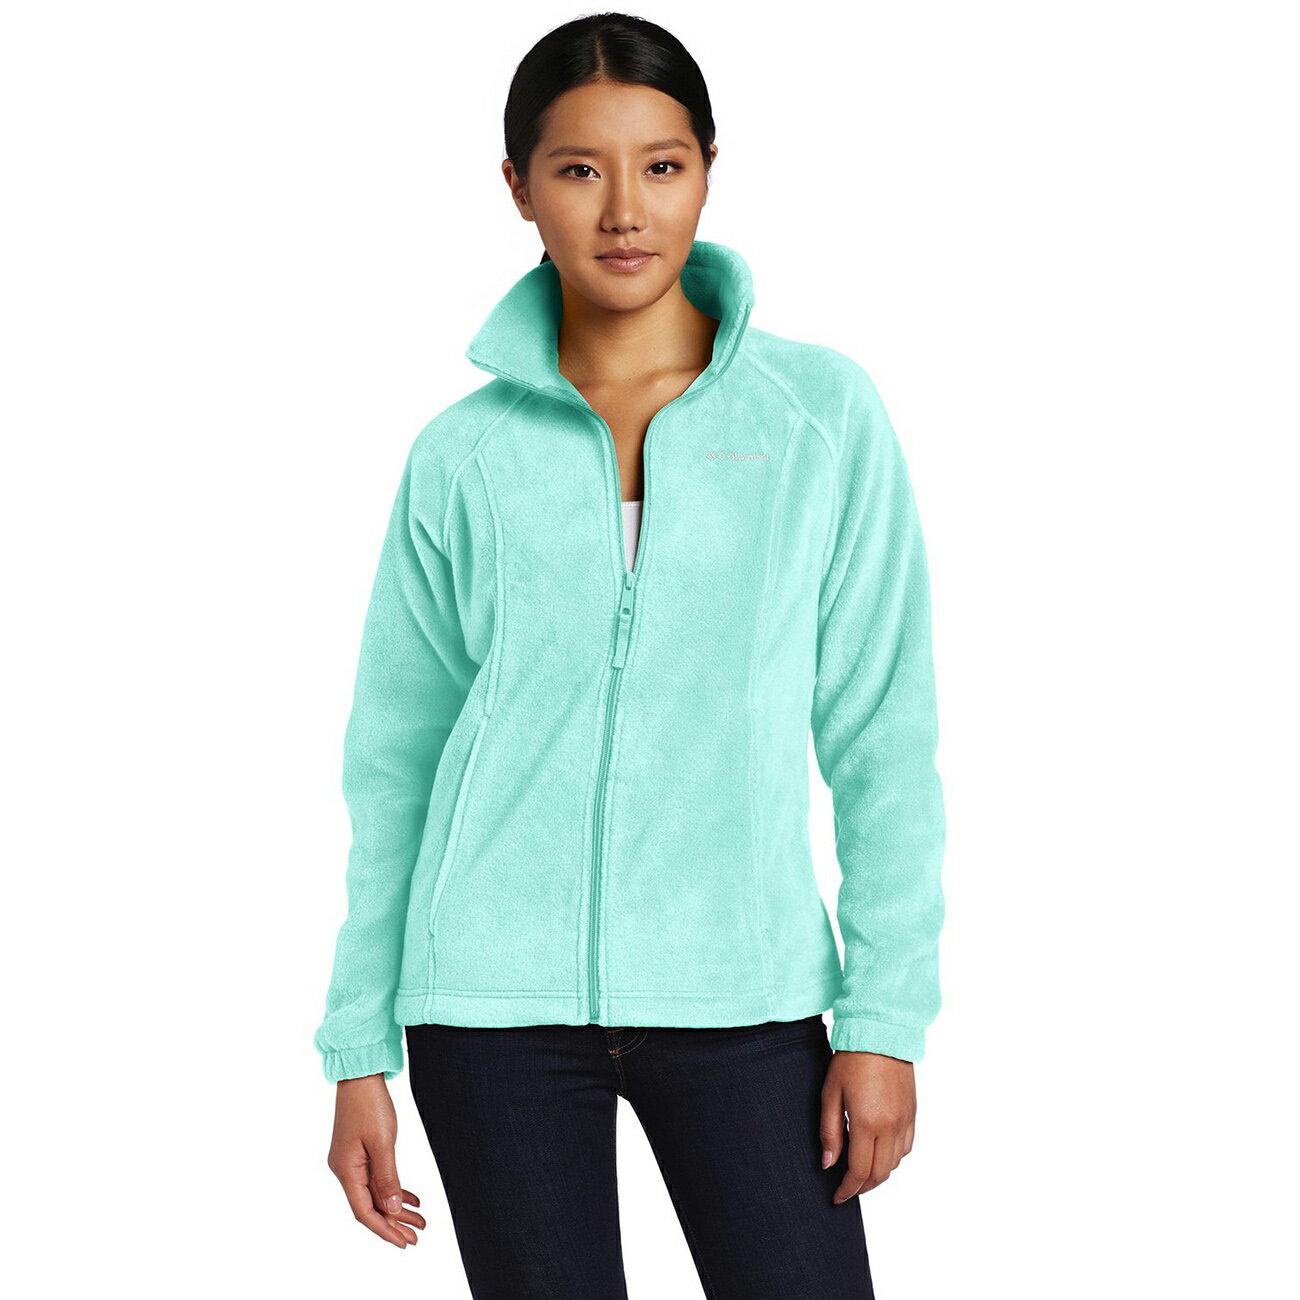 美國百分百【全新真品】Columbia 外套 刷毛 立領 輕 fleece 保暖 哥倫比亞 湖水綠 女 XS號 B534